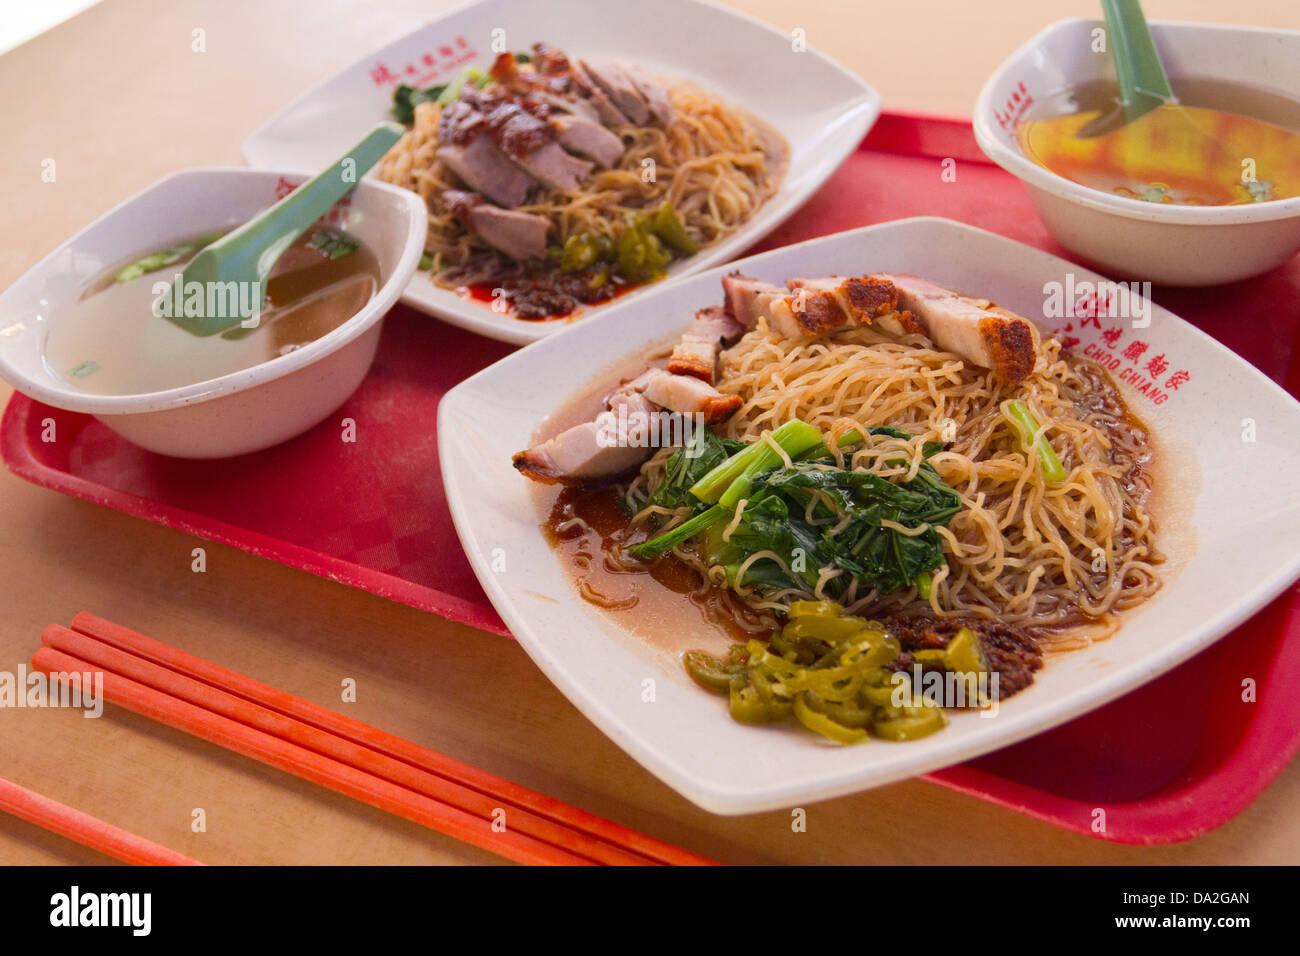 Deux plaques de nourriture chinoise, une avec du canard rôti et les nouilles, l'autre avec lard croustillant, Photo Stock